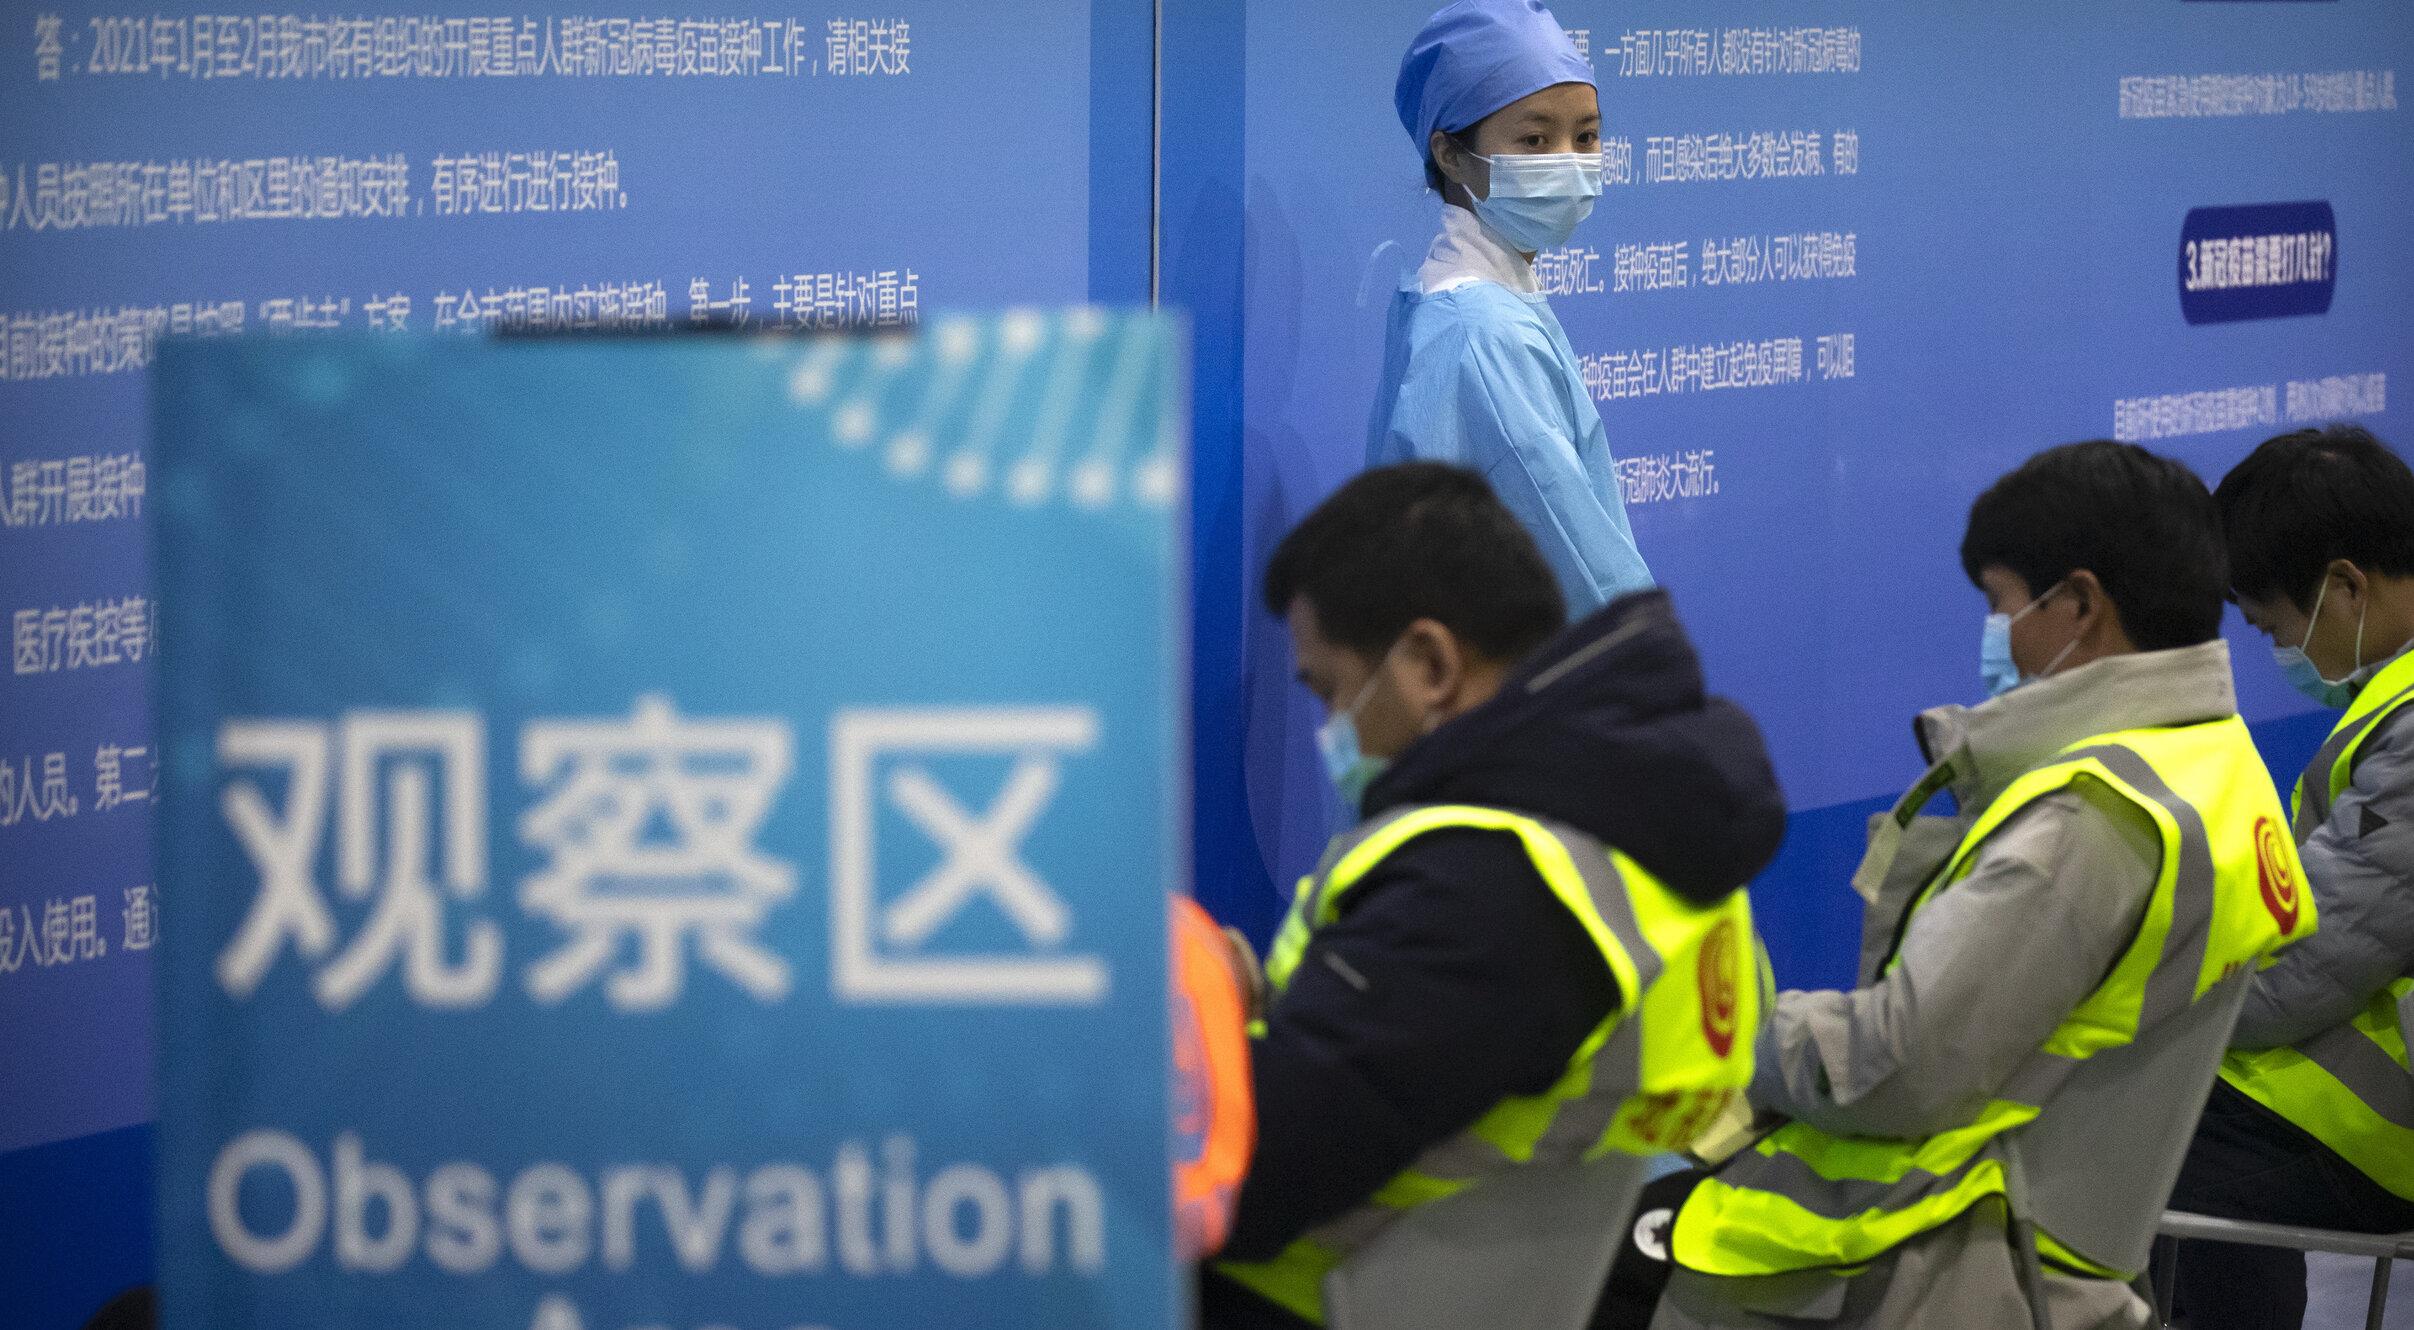 China depășește pragul de 1 miliard de cetățeni complet vaccinați anti-Covid, dar nu plănuiește să relaxeze restricțiile